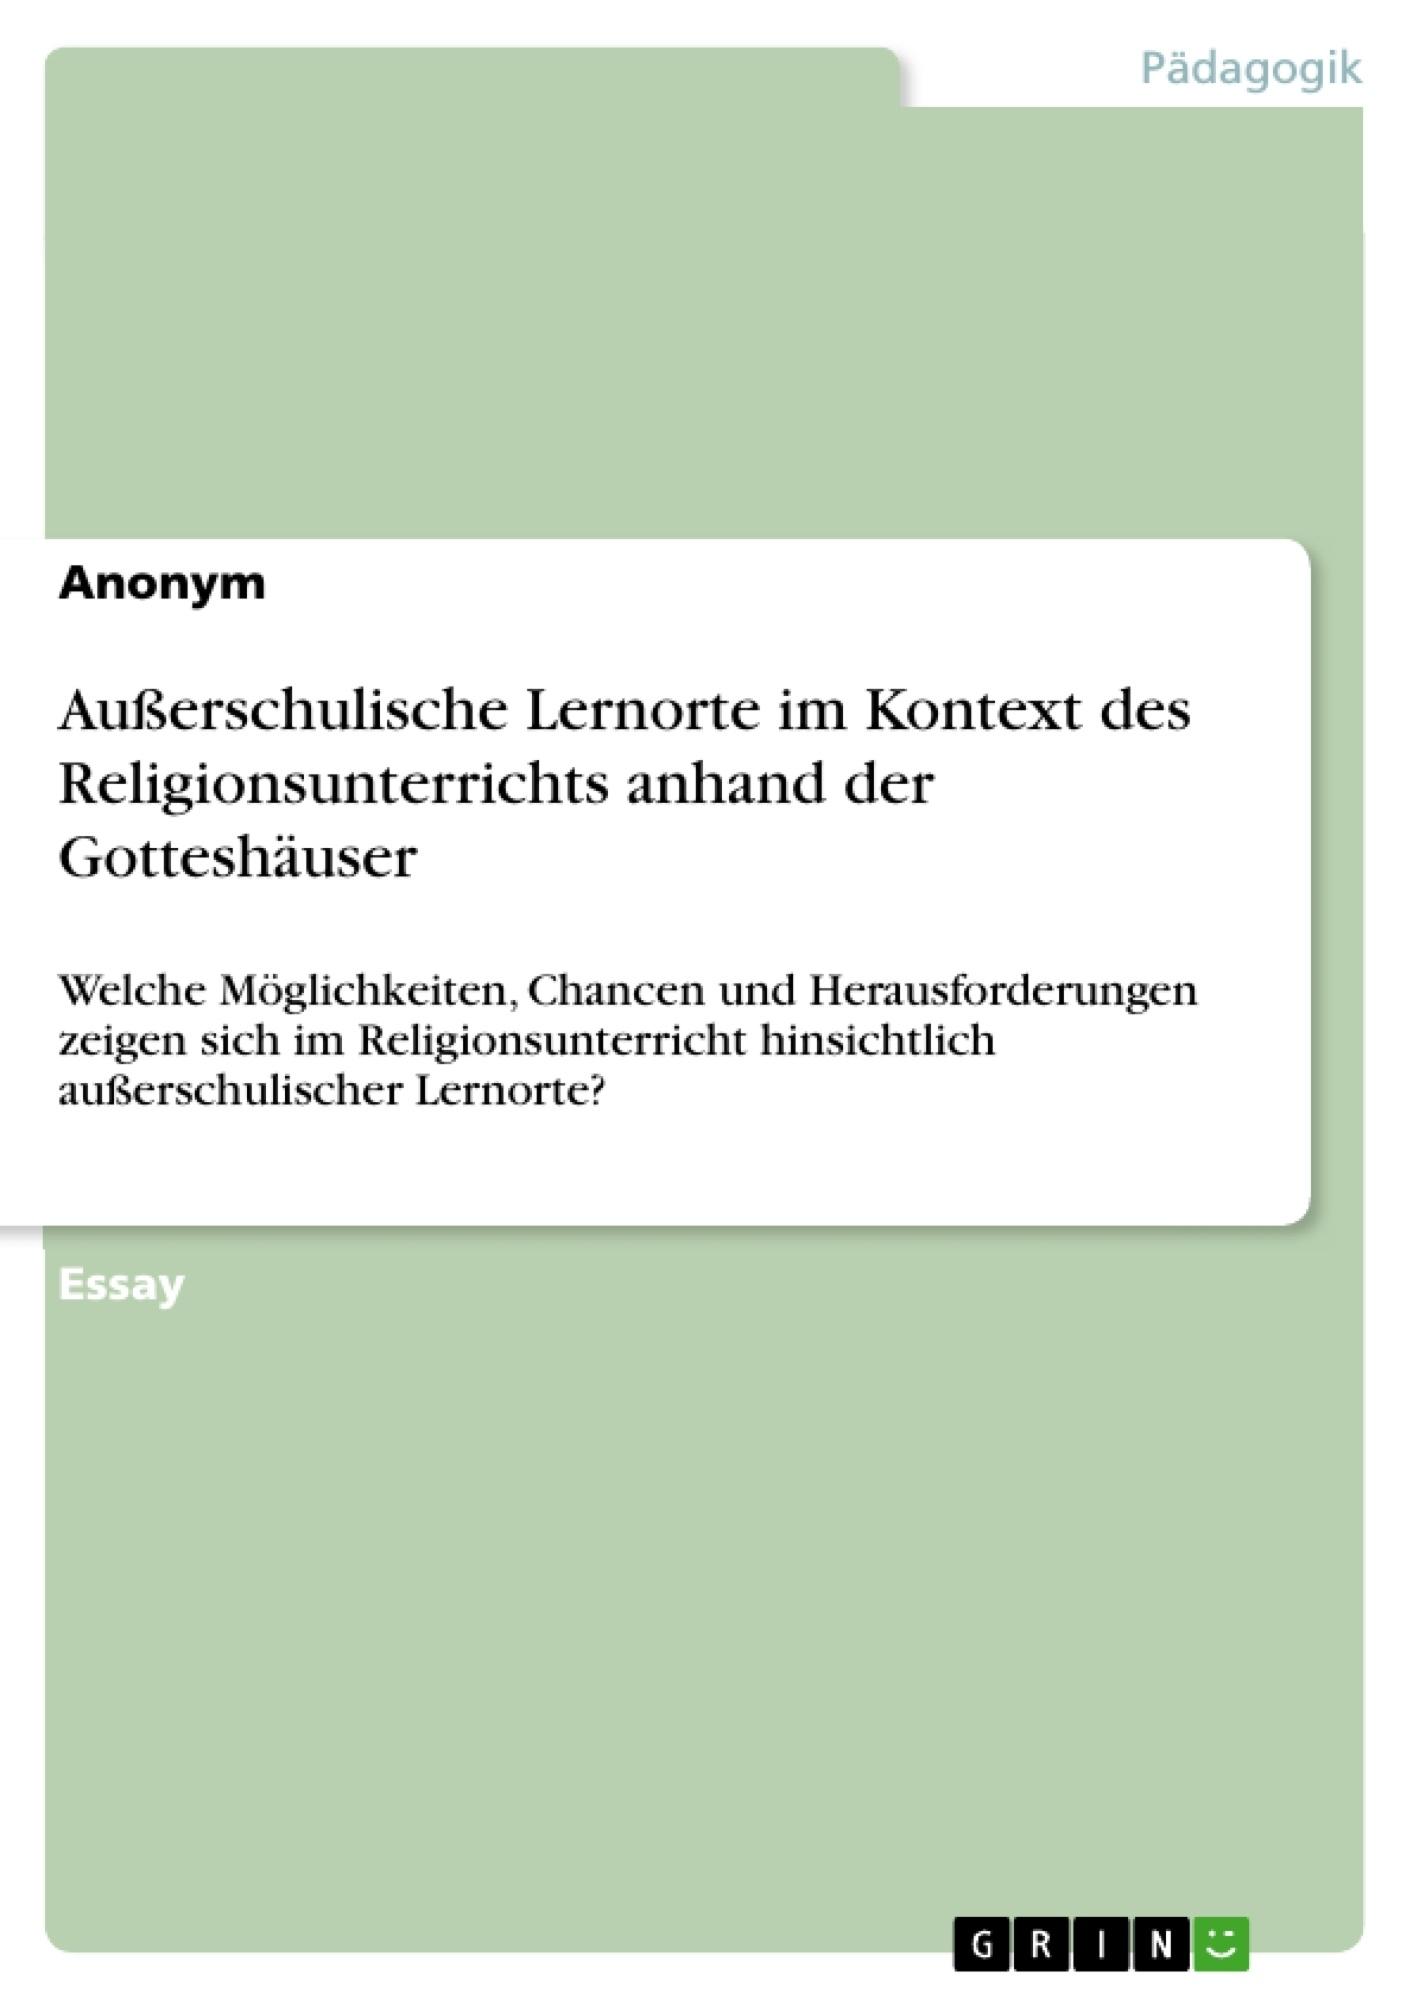 Titel: Außerschulische Lernorte im Kontext des Religionsunterrichts anhand der Gotteshäuser